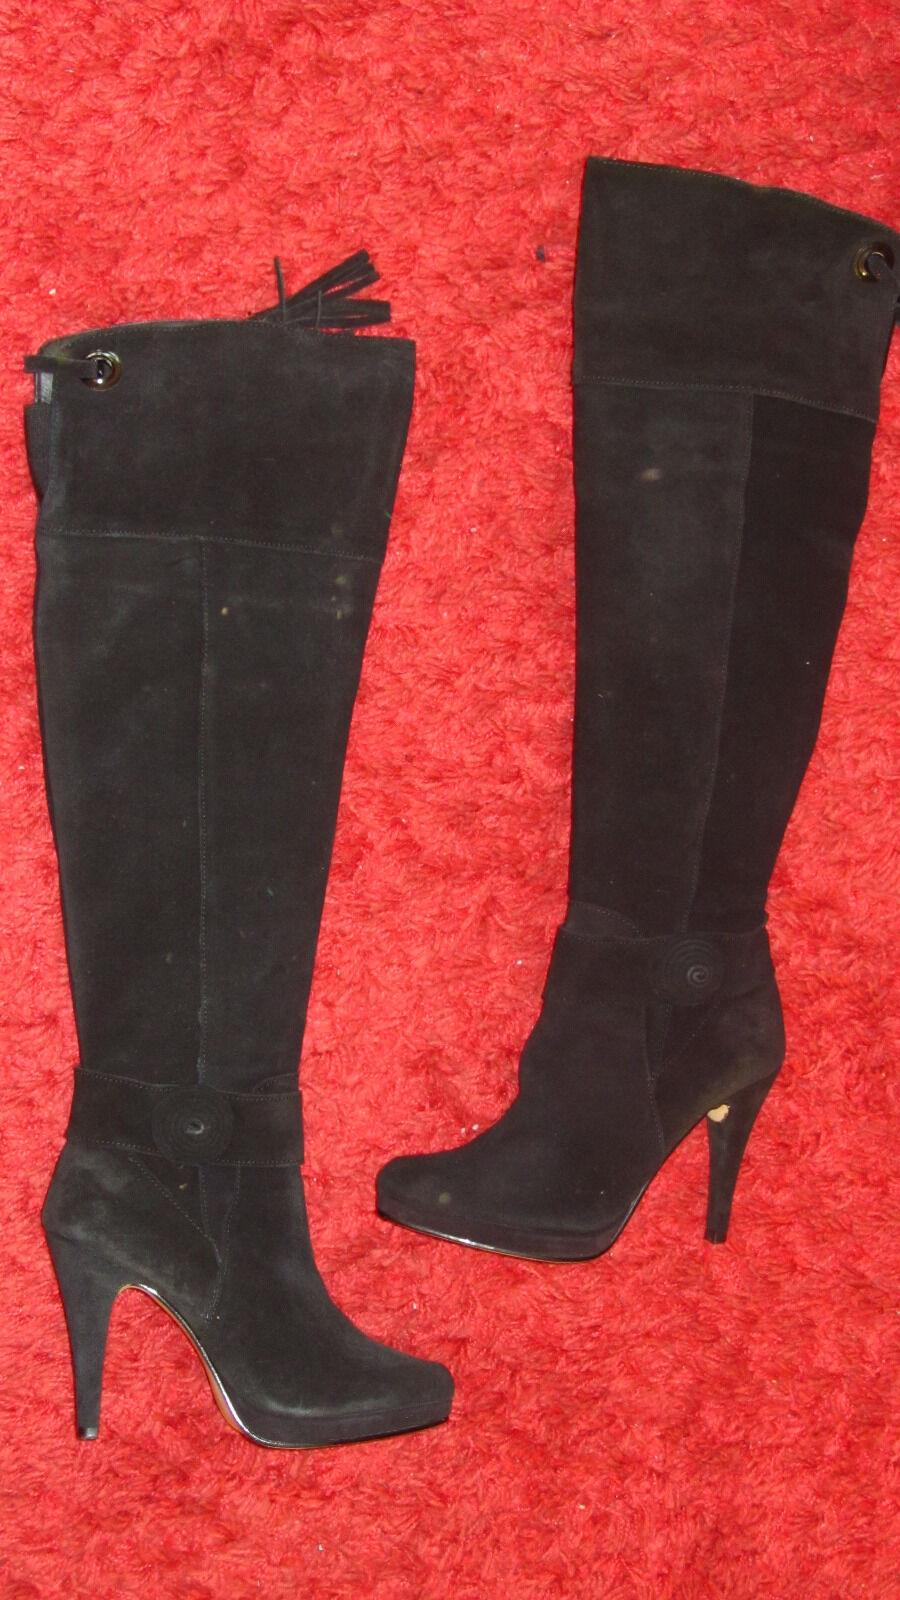 Por Por Por encima de la rodilla de cuero negro botas Mujer Talla 6 Super Sexy 55dc14